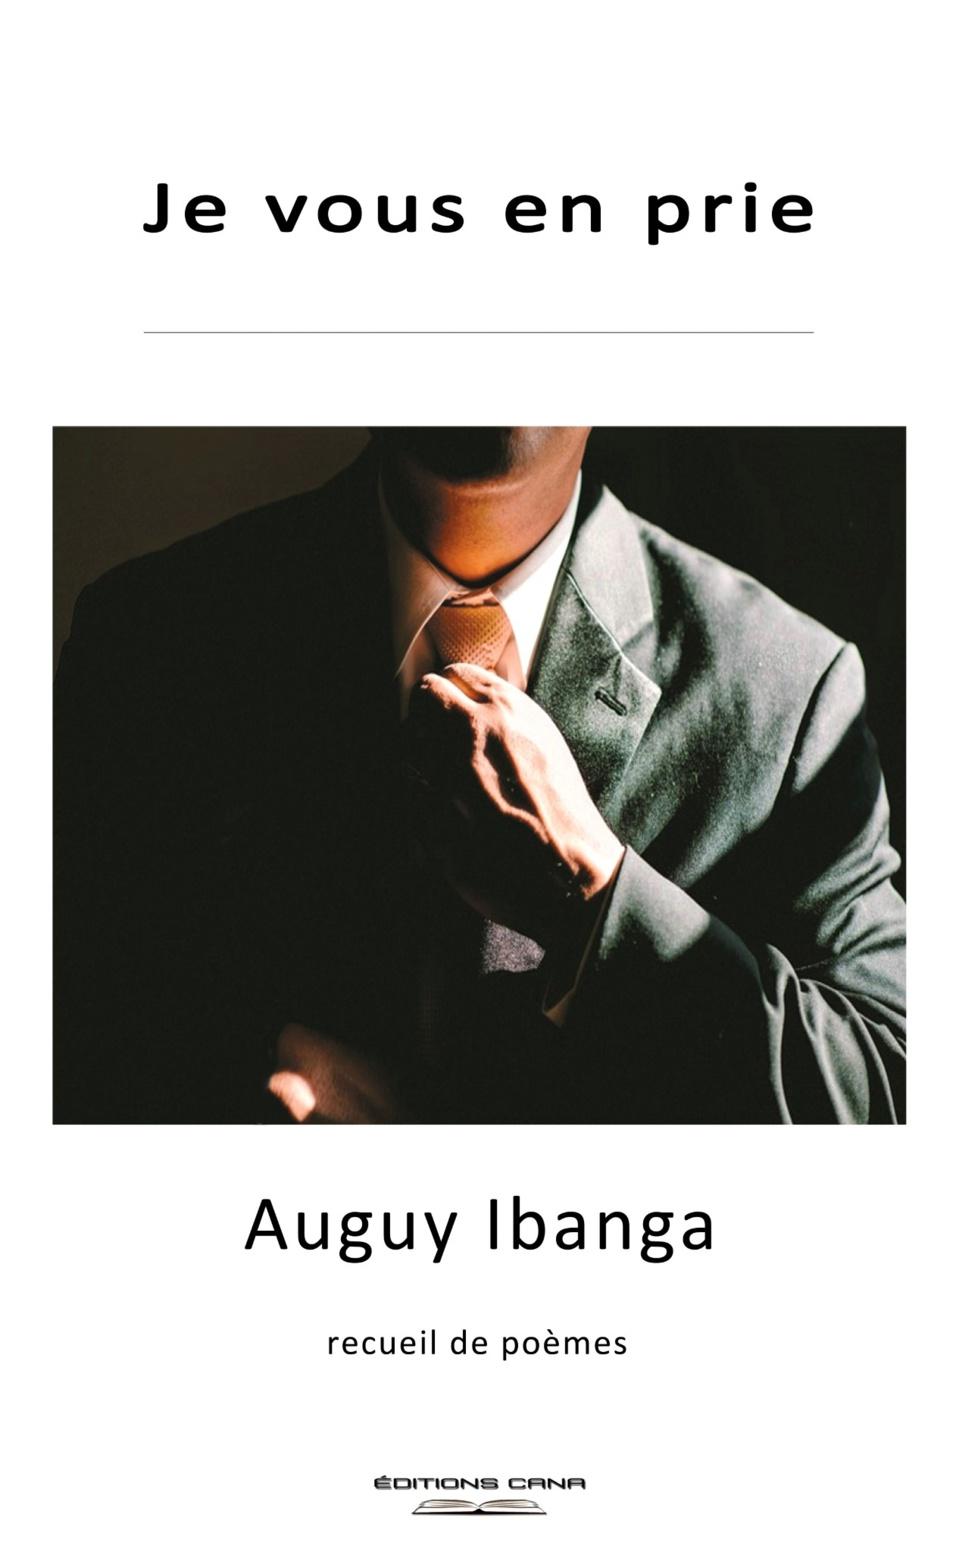 """Poésie : Auguy Ibanga publie """"je vous en prie"""""""